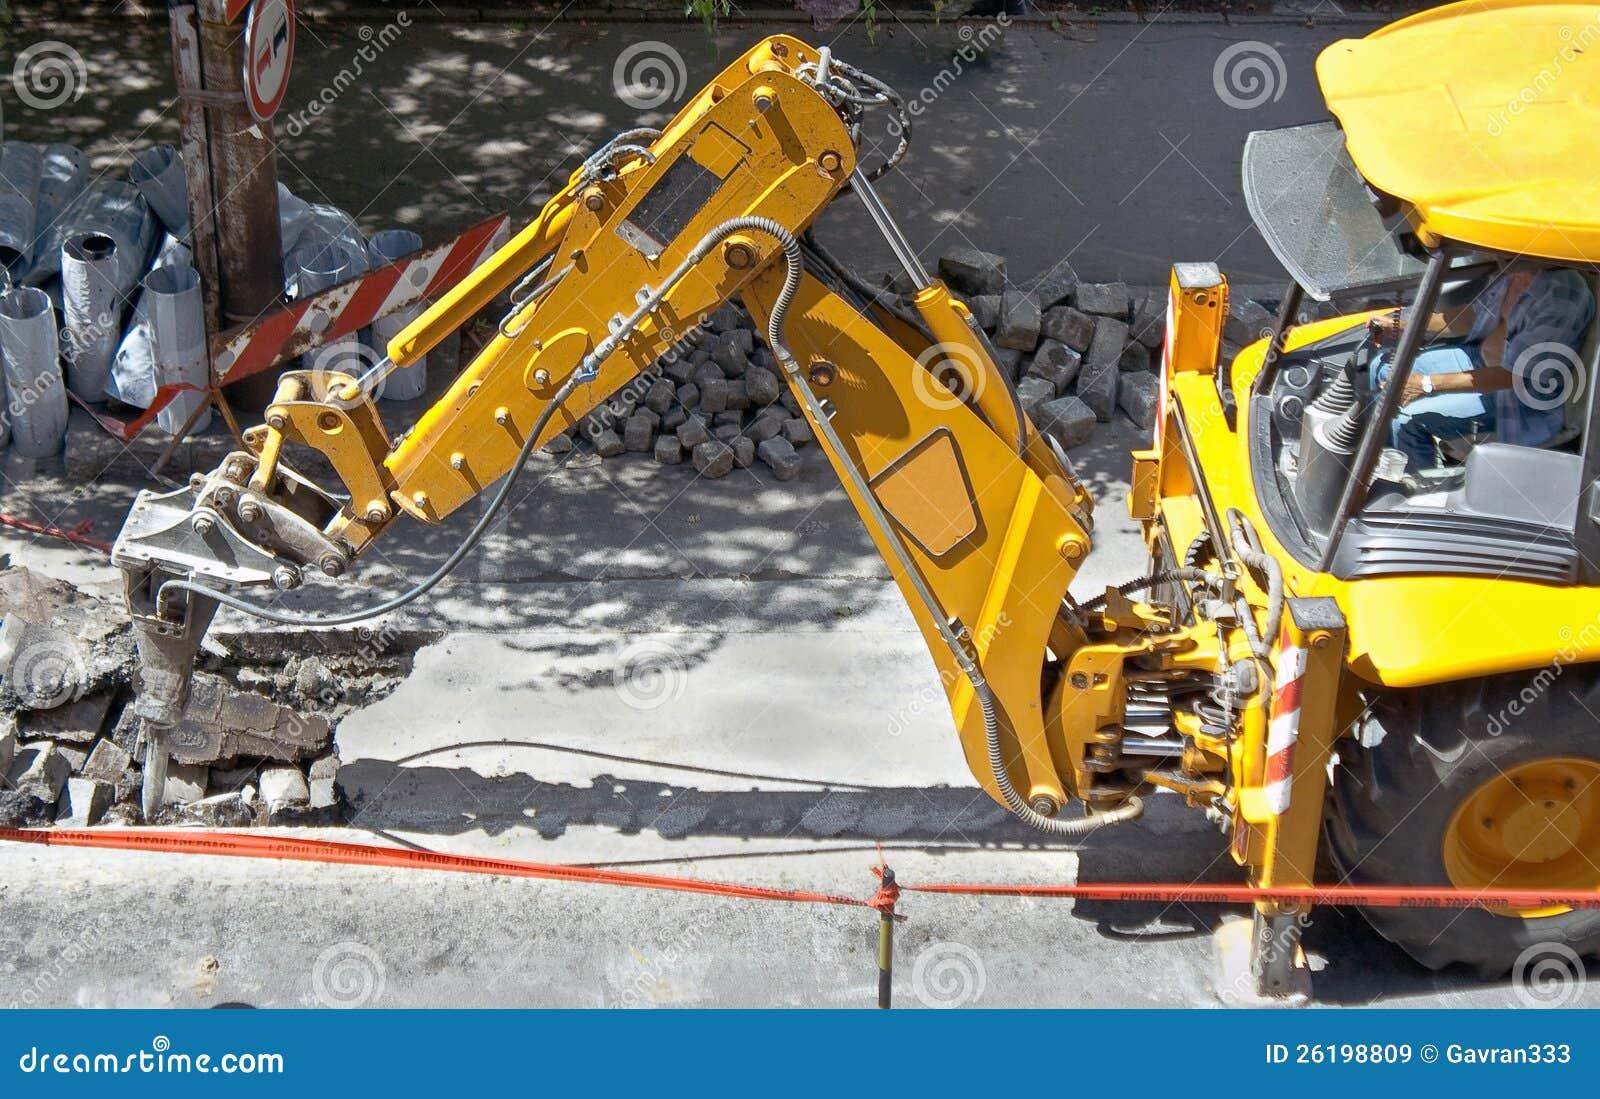 Macchina pesante su un lavoro di costruzione di strade for Costruzione di un pollaio su ruote